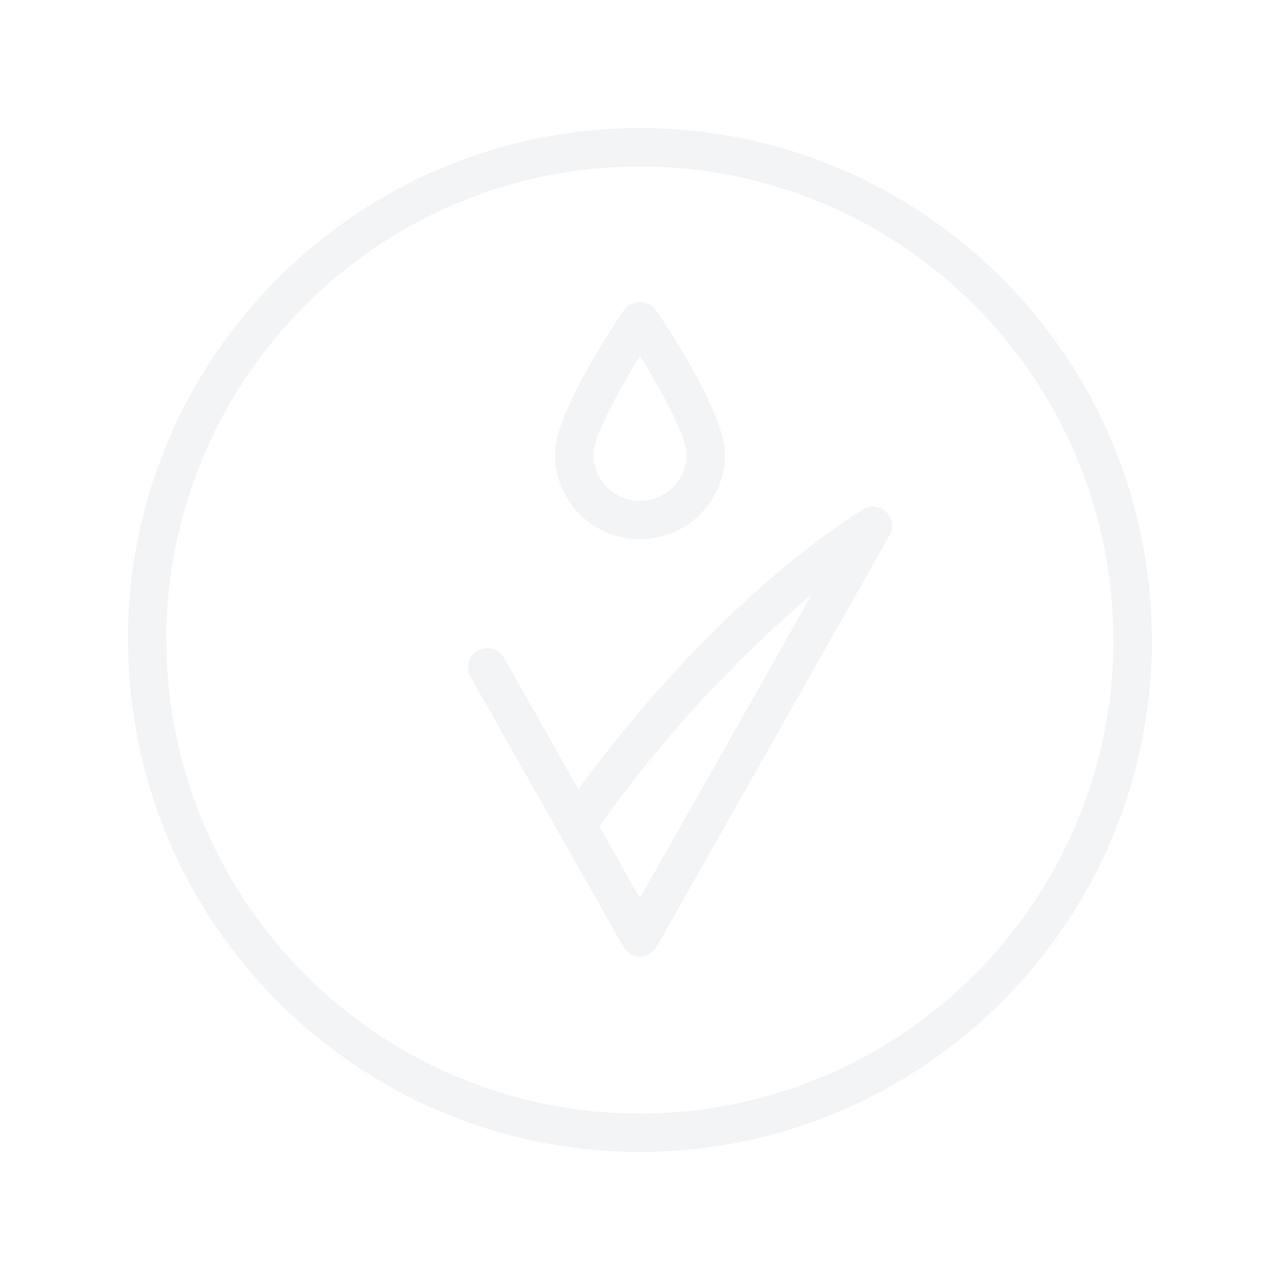 NUXE Creme Prodigieuse Anti-Fatigue Moisturising Eye Cream 15ml